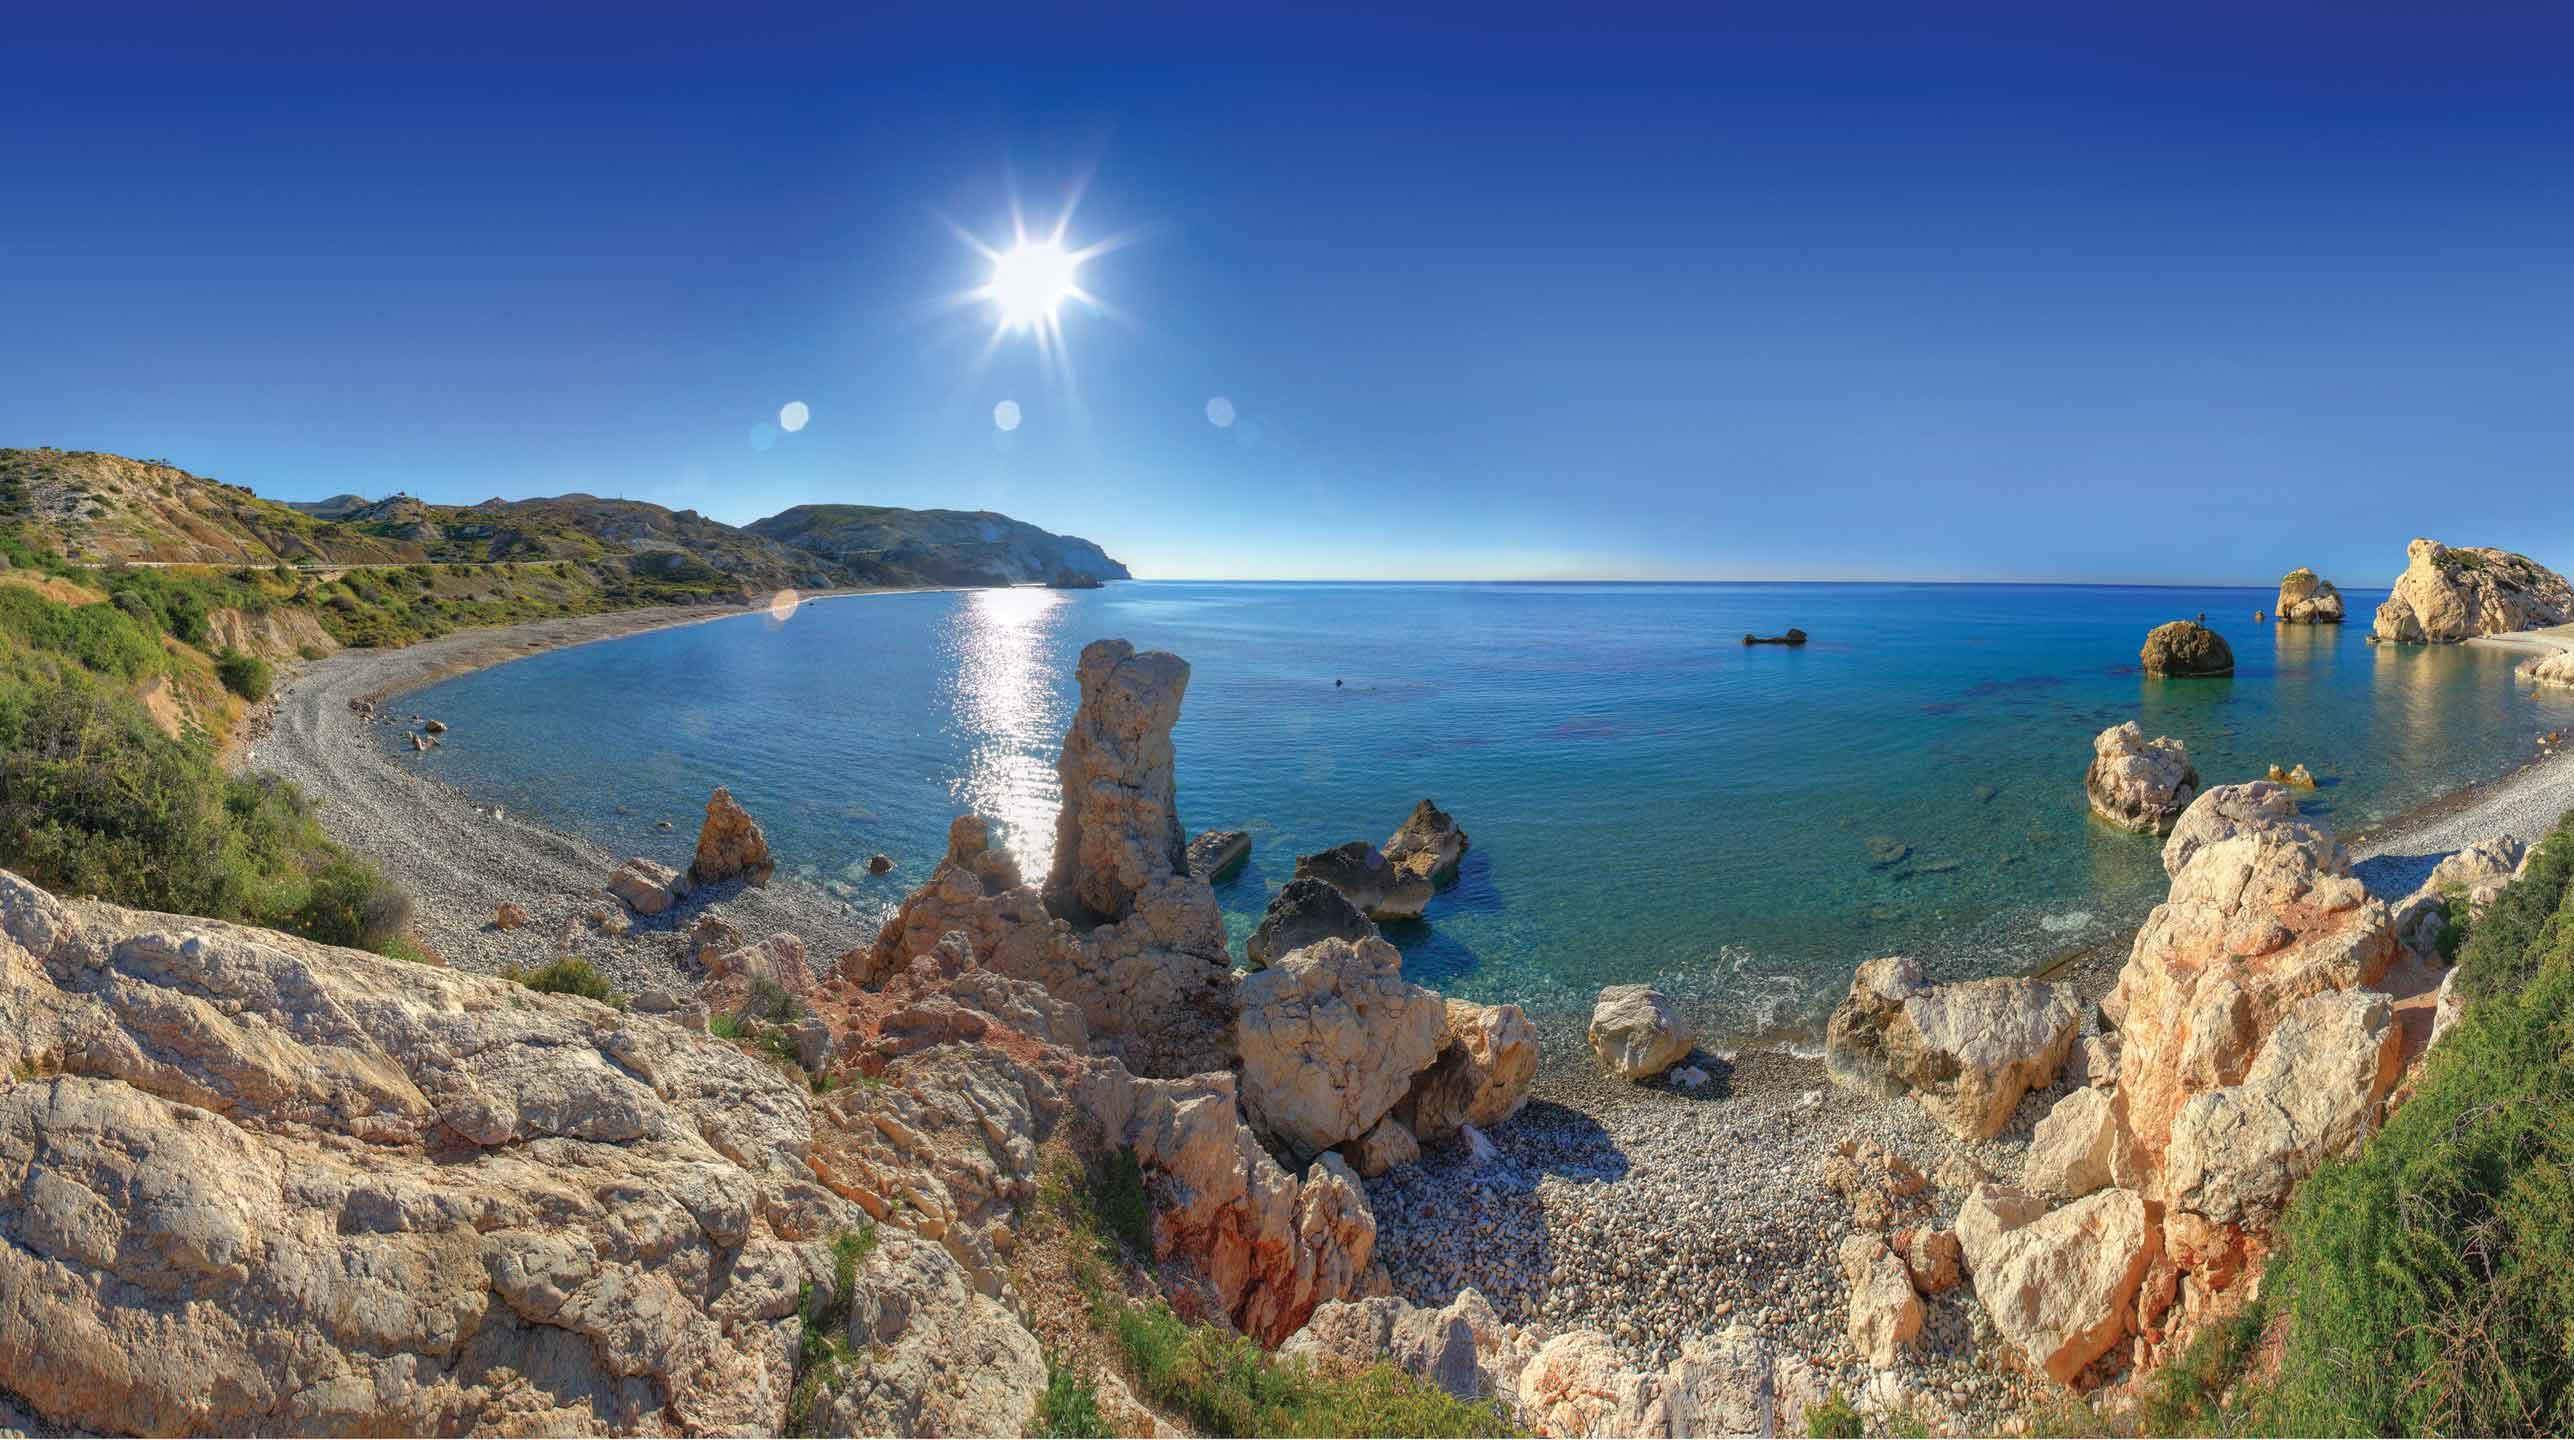 Cypr – Wyspa  gorących marzeń